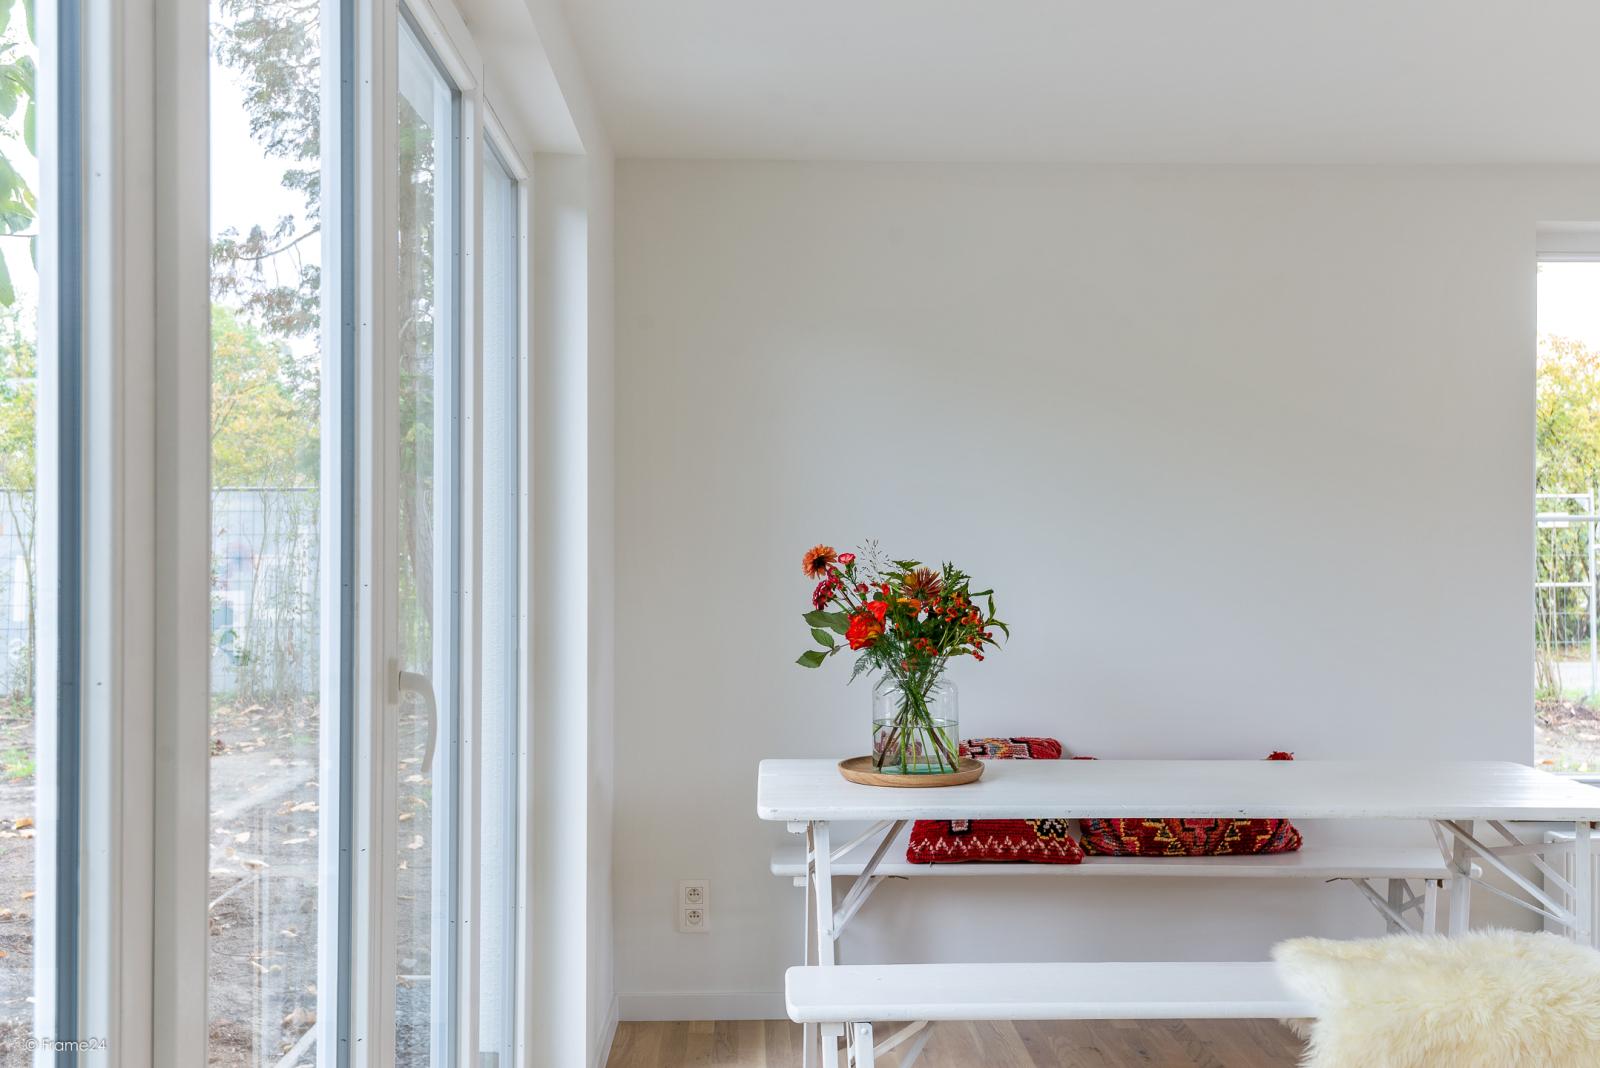 Volledig vernieuwde vrijstaande woning met drie slaapkamers op een hoekperceel van 776 m² te Schilde! afbeelding 6